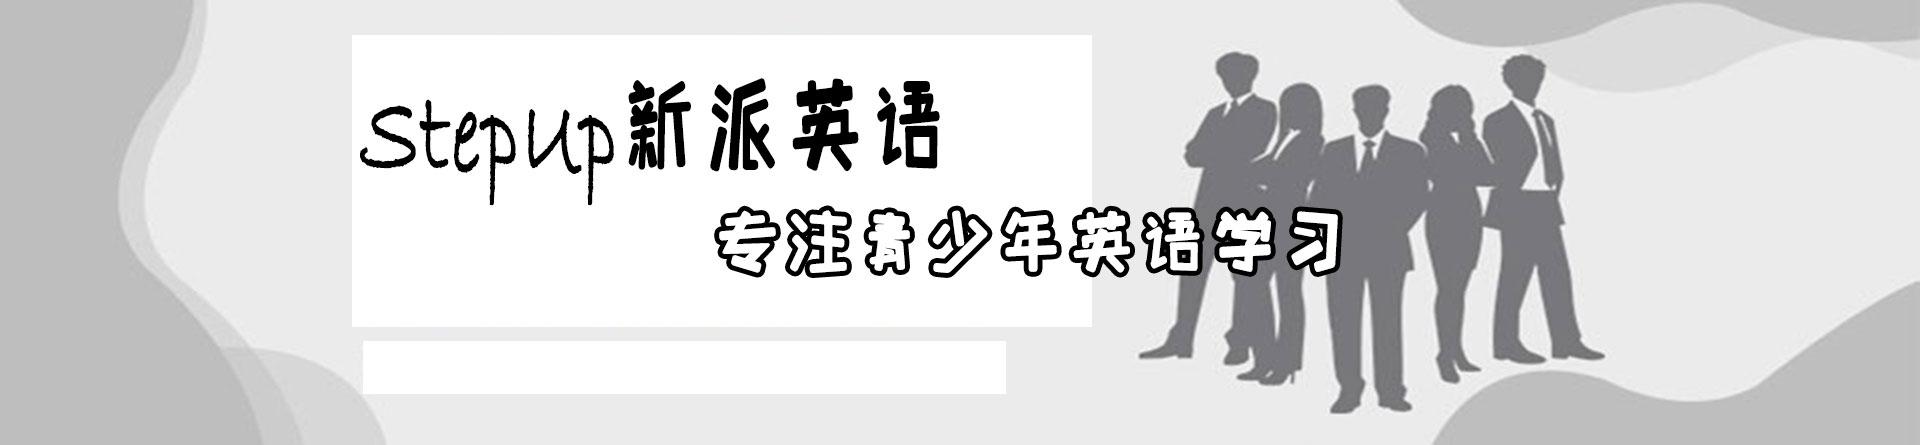 郑州StepUp新派英语